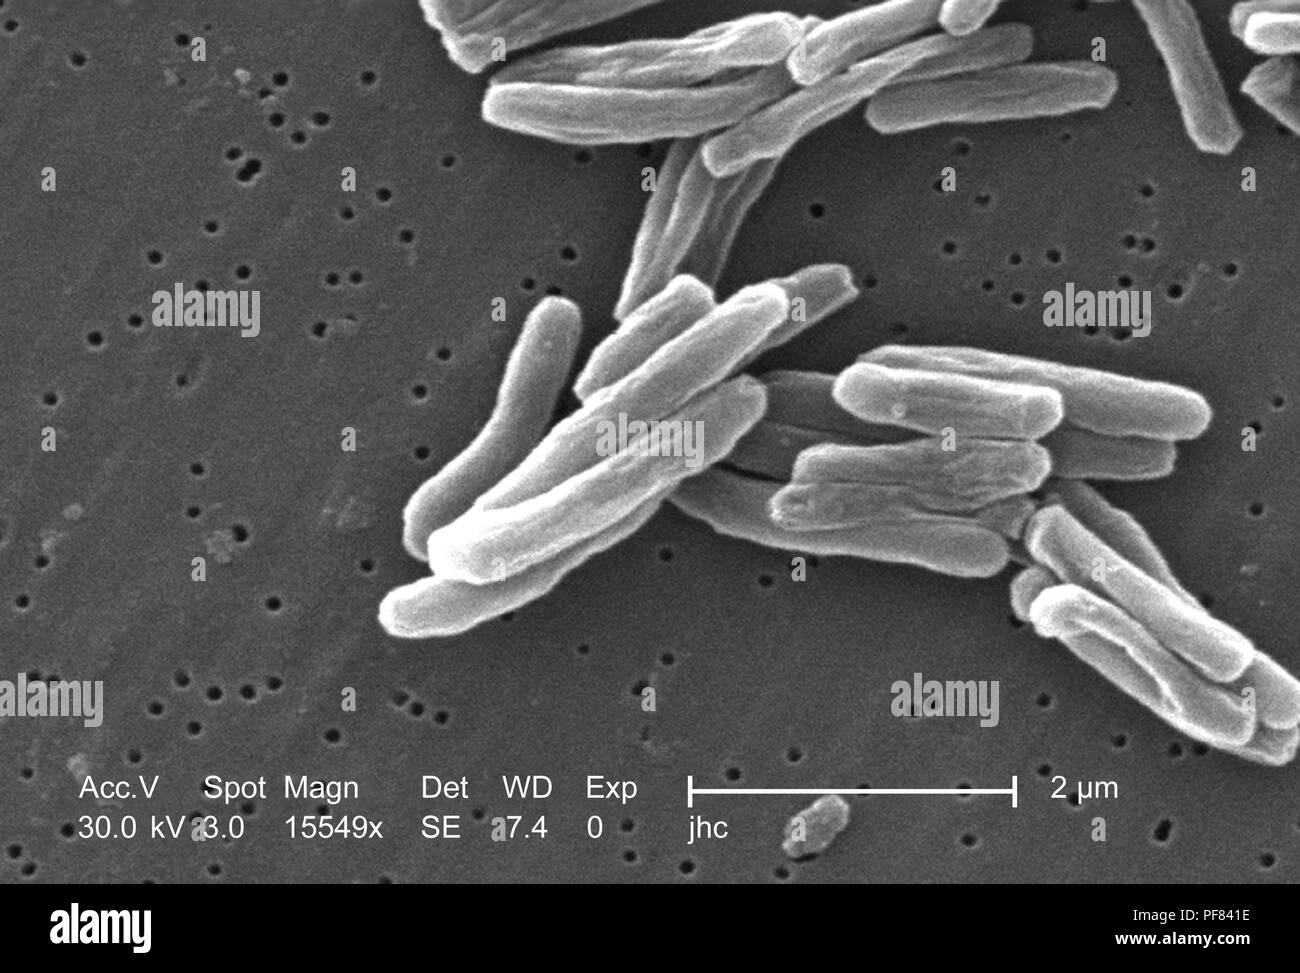 Ultrastrukturforschung Details von Gram-positiven Bakterien Mycobacterium Tuberkulose in der 15549 x offenbart vergrößerte Rasterelektronenmikroskopische (SEM) Bild, 2006. Mit freundlicher Seuchenkontrollzentren (CDC)/Ray Butler, MS, Janice Haney Carr. () Stockfoto